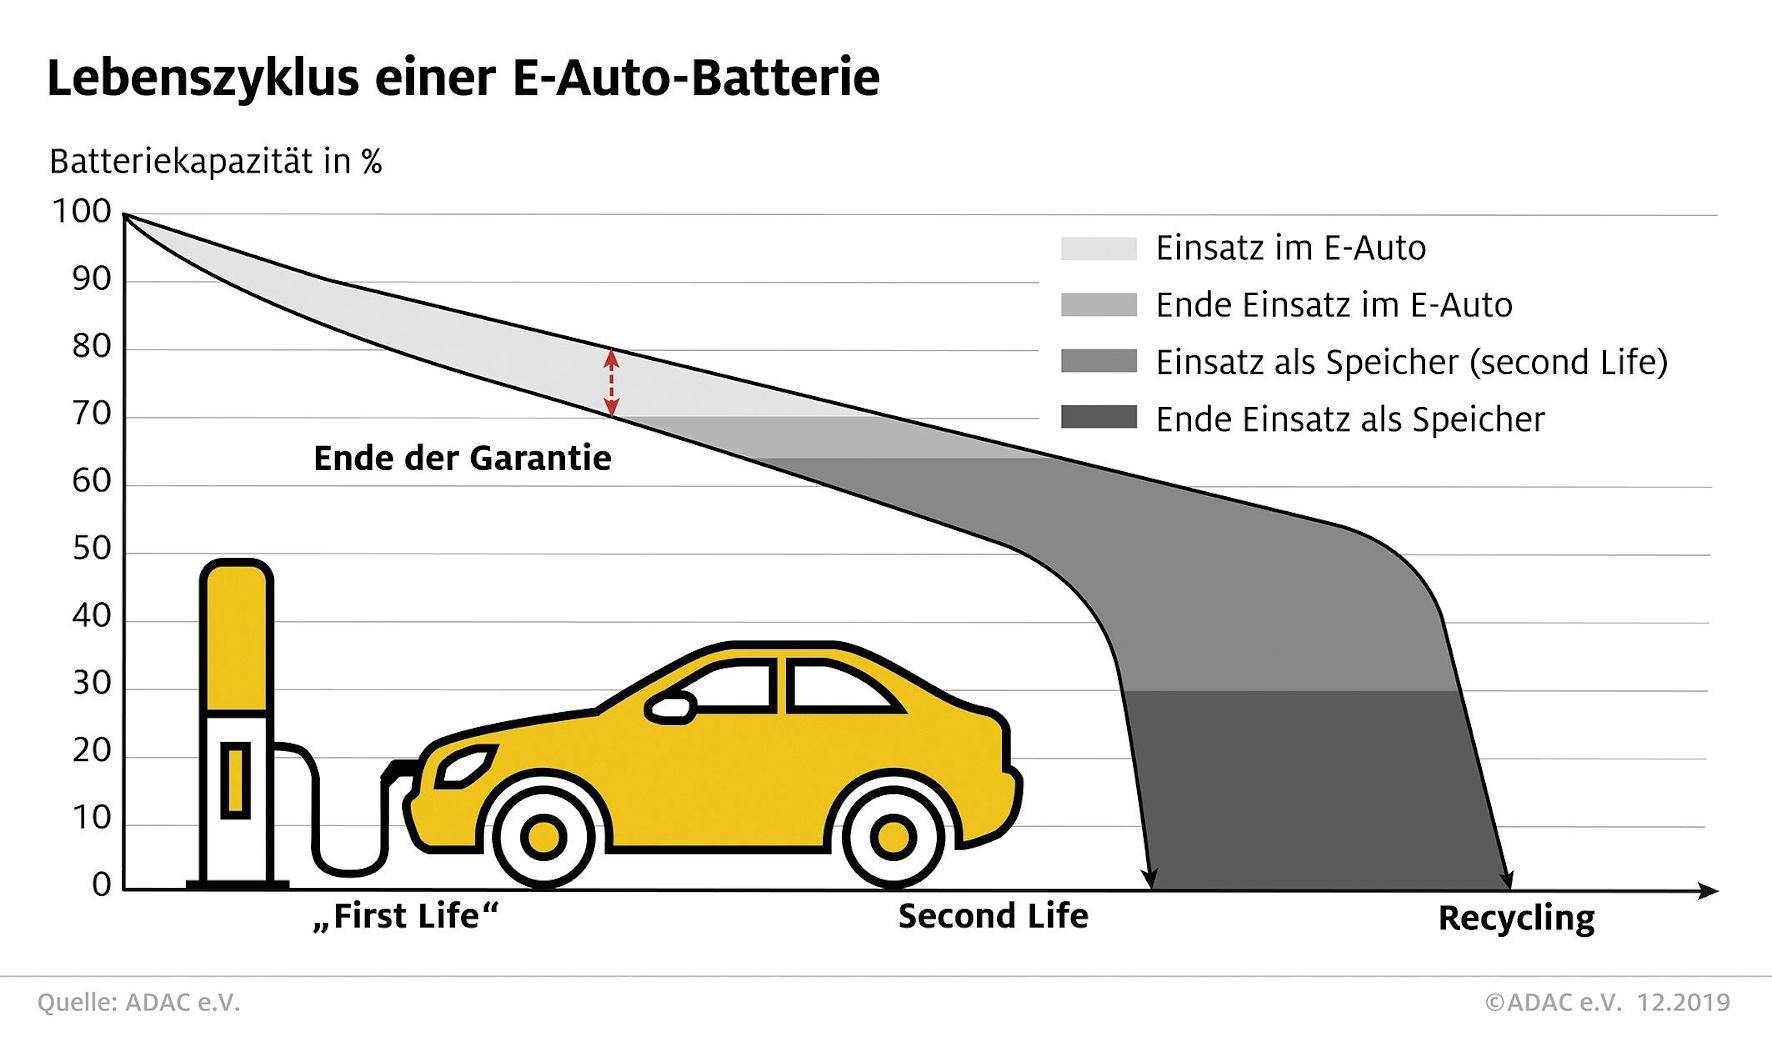 mid Groß-Gerau - Vom Auto zum stationären Einsatz bis zum Recycling: die drei Stationen des Akku-Daseins. ADAC